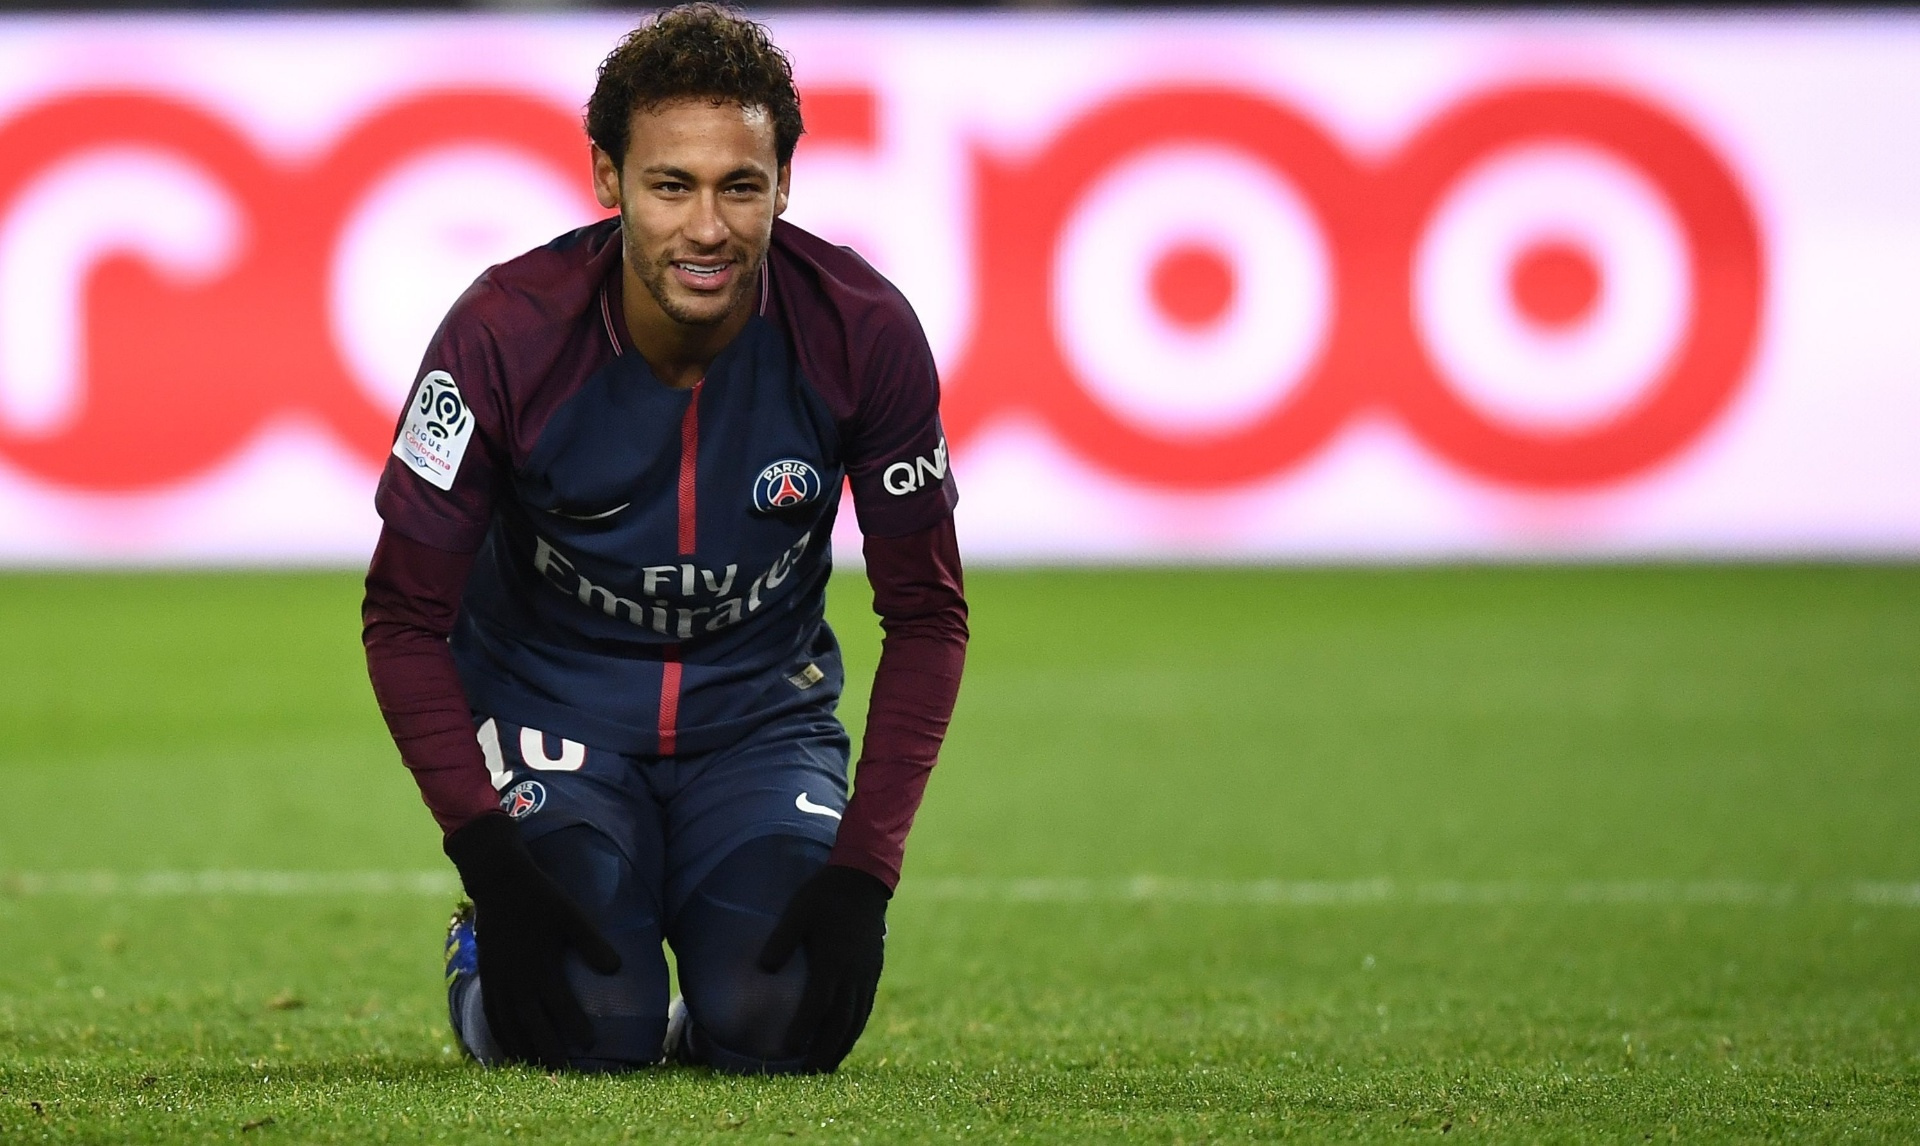 Neymar é o mais influente da temporada na Europa e PSG encara dependência -  29 01 2018 - UOL Esporte 311adda314999